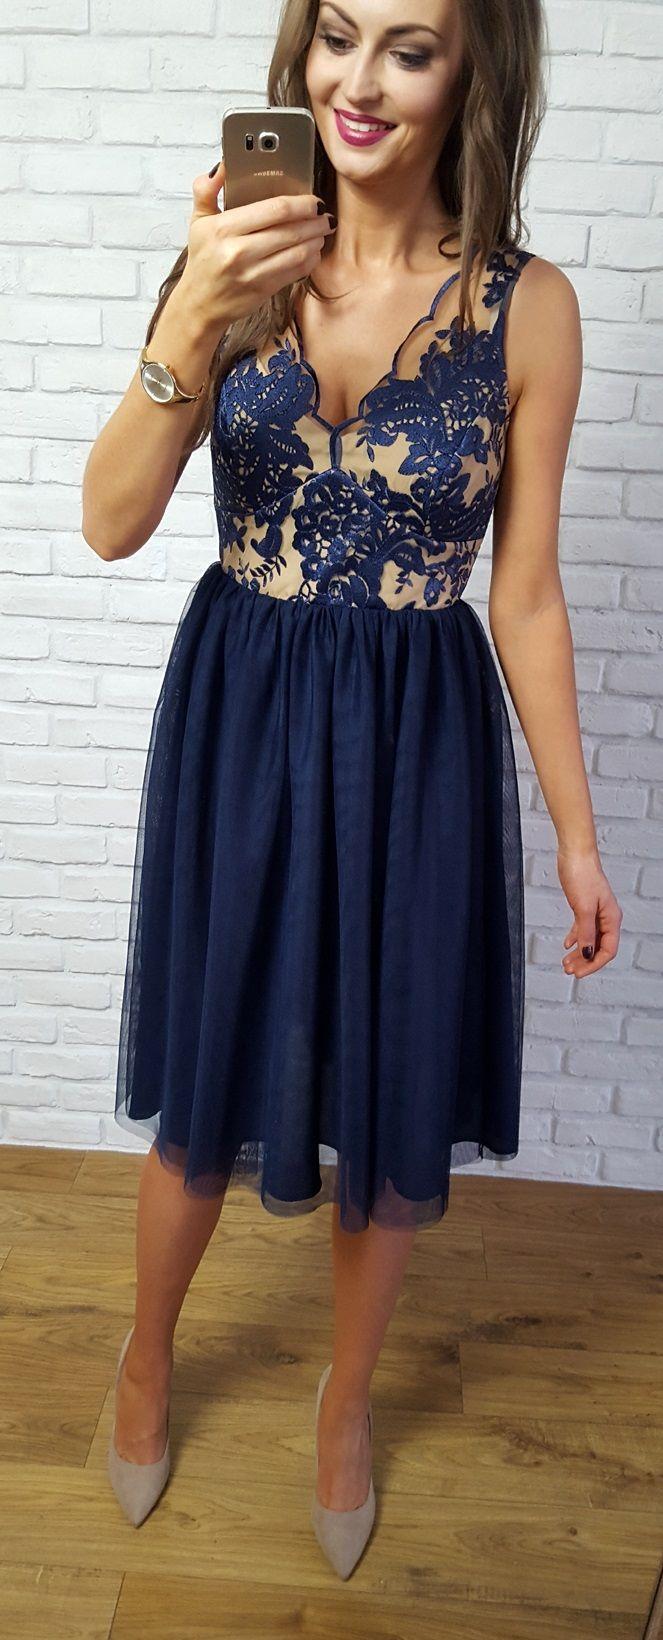 7acd4c5b Tiulowa granatowo- cielista sukienka z koronkowa górą. Idealna ...